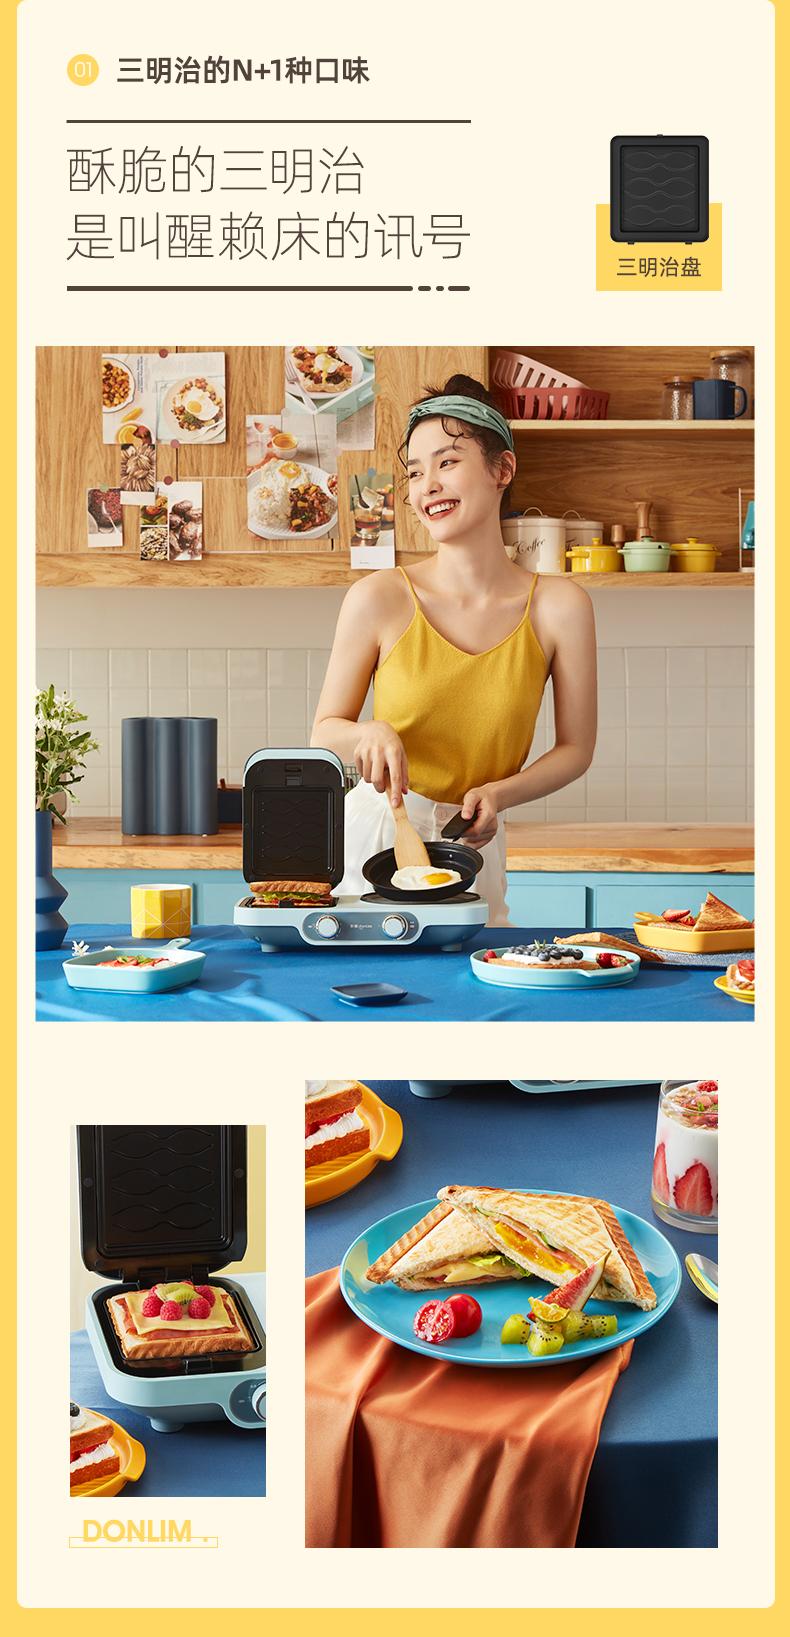 东菱早餐机多功能三明治机家用四合一小型华夫饼轻食机烤麵包神器详细照片